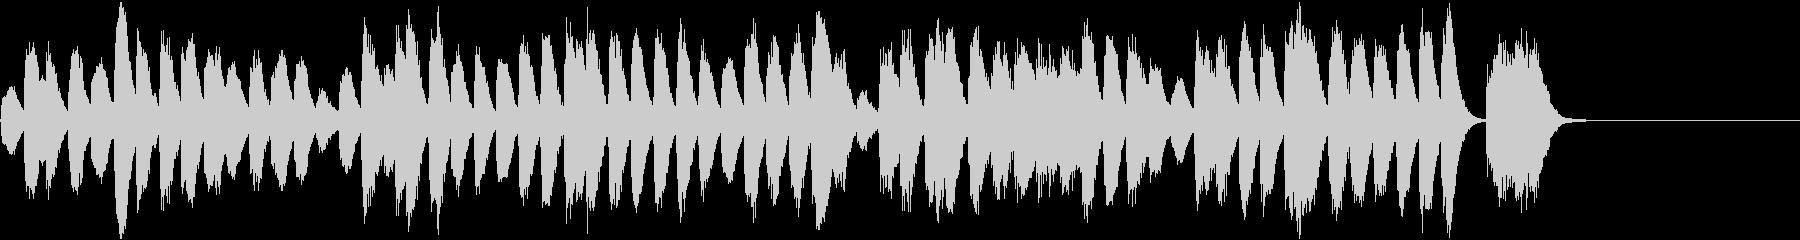 冬向けほのぼのコミカルなピアノBGMの未再生の波形